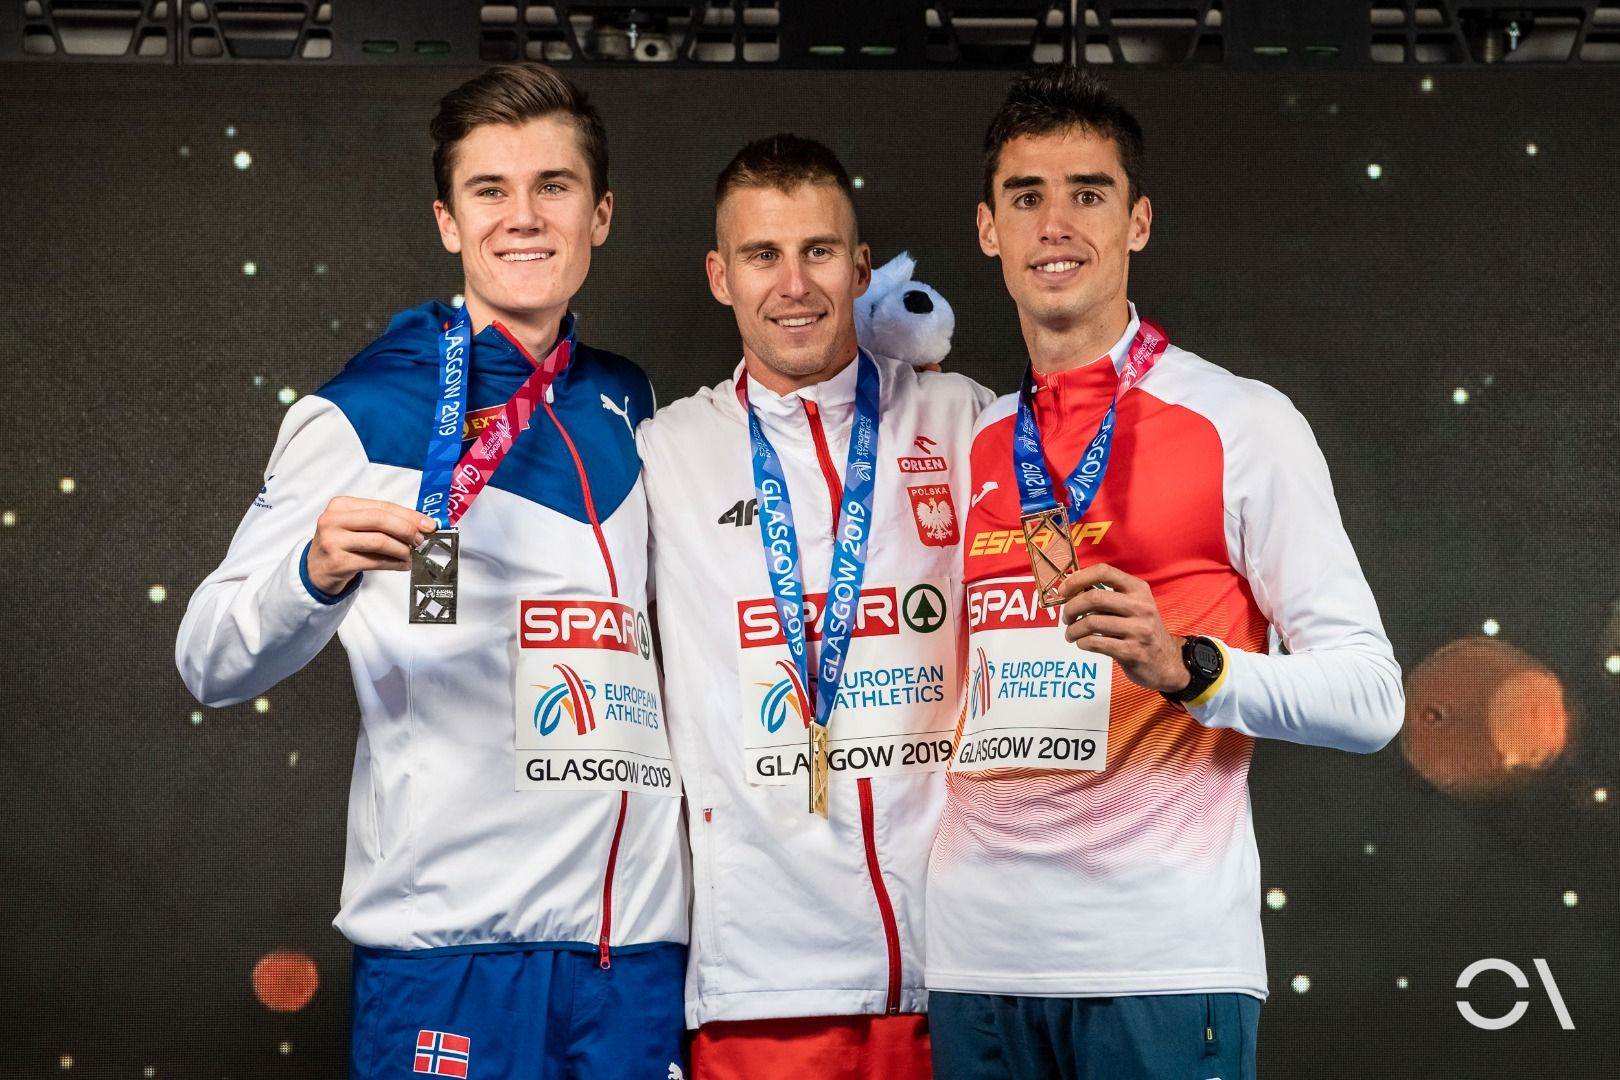 Domingo de medallas para el atletismo español